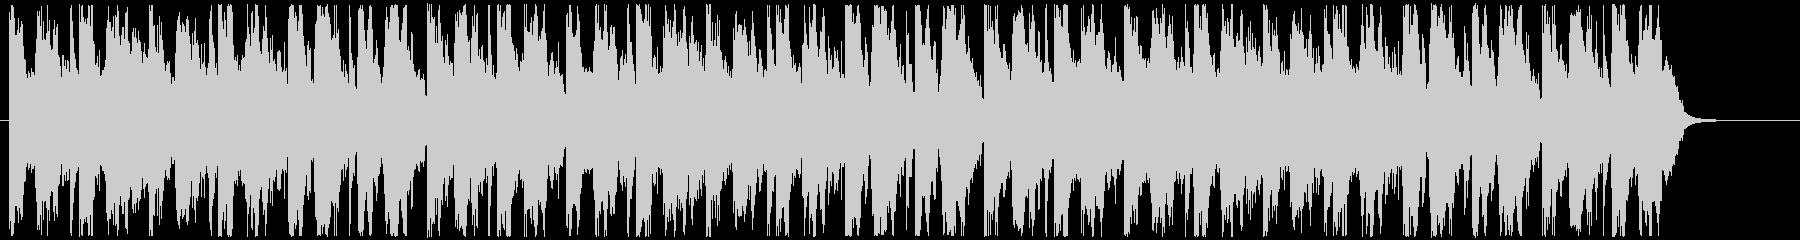 オープニング風ファンタジー系BGMの未再生の波形